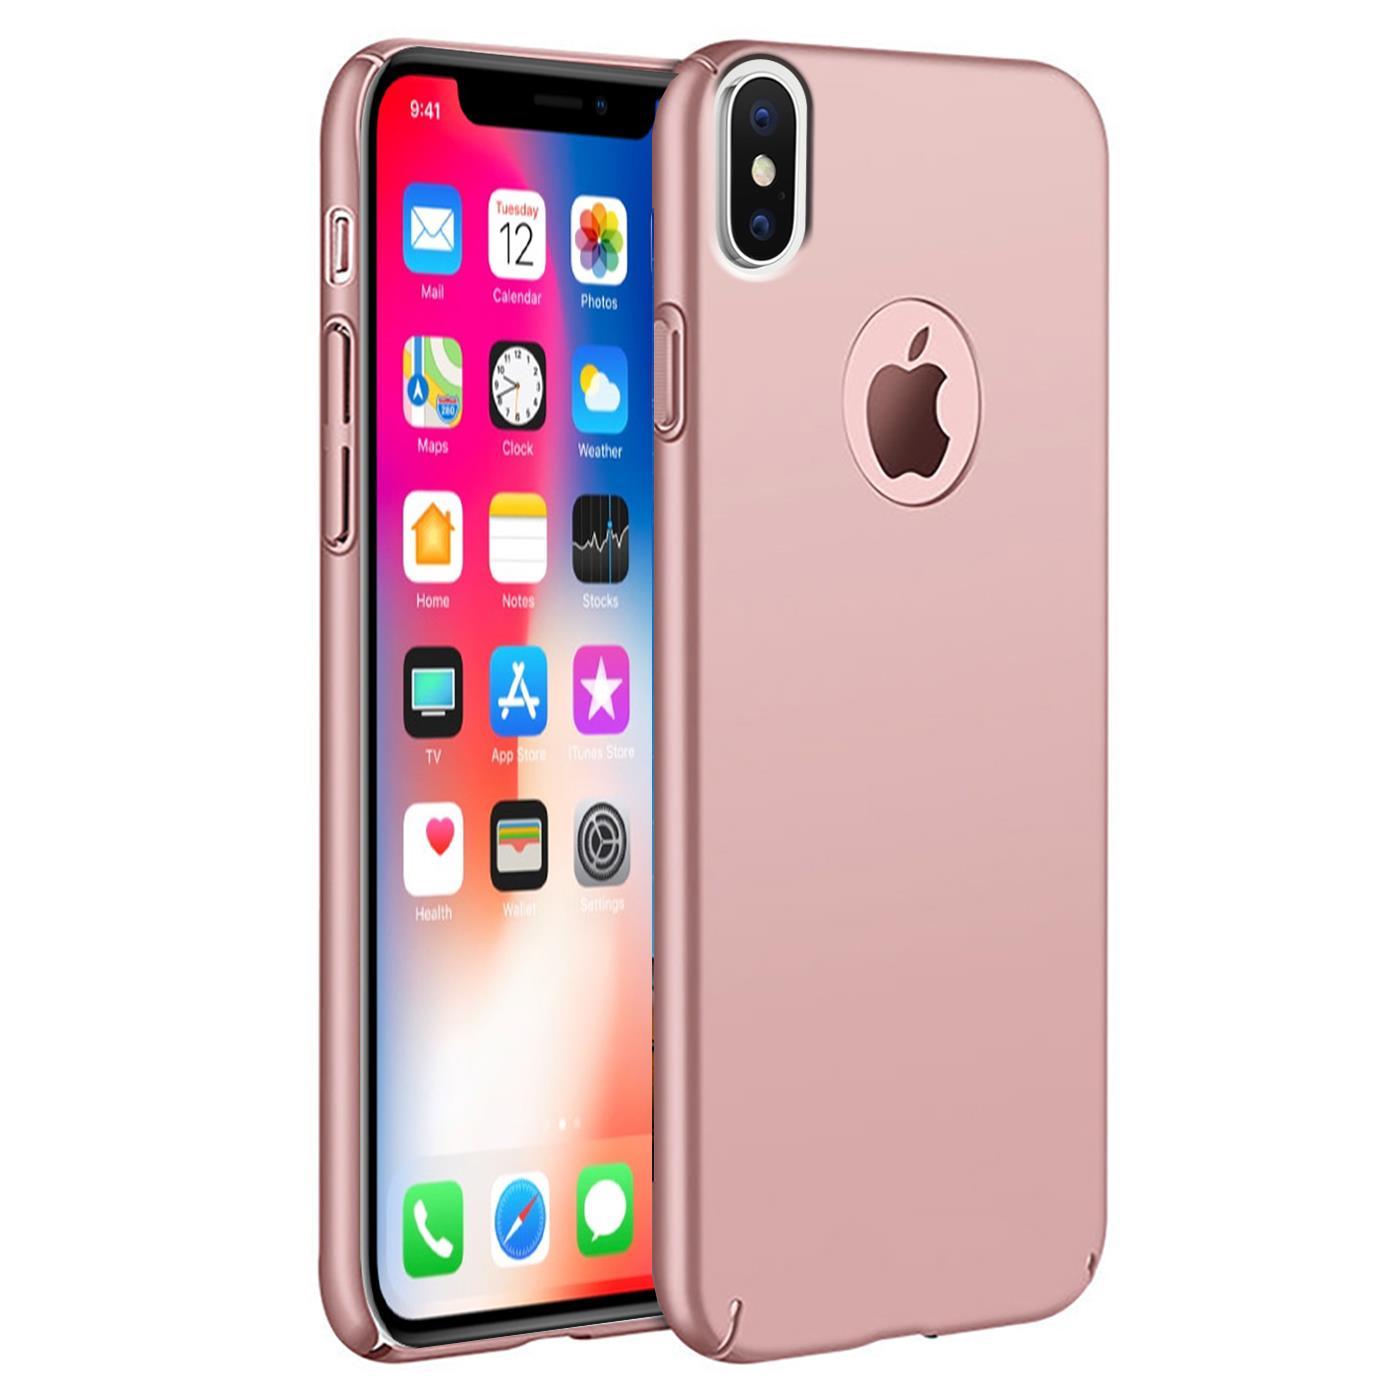 Handy Schutzhülle für Apple iPhone Slim Cover Hülle Schutz Case Tasche Dünn Etui